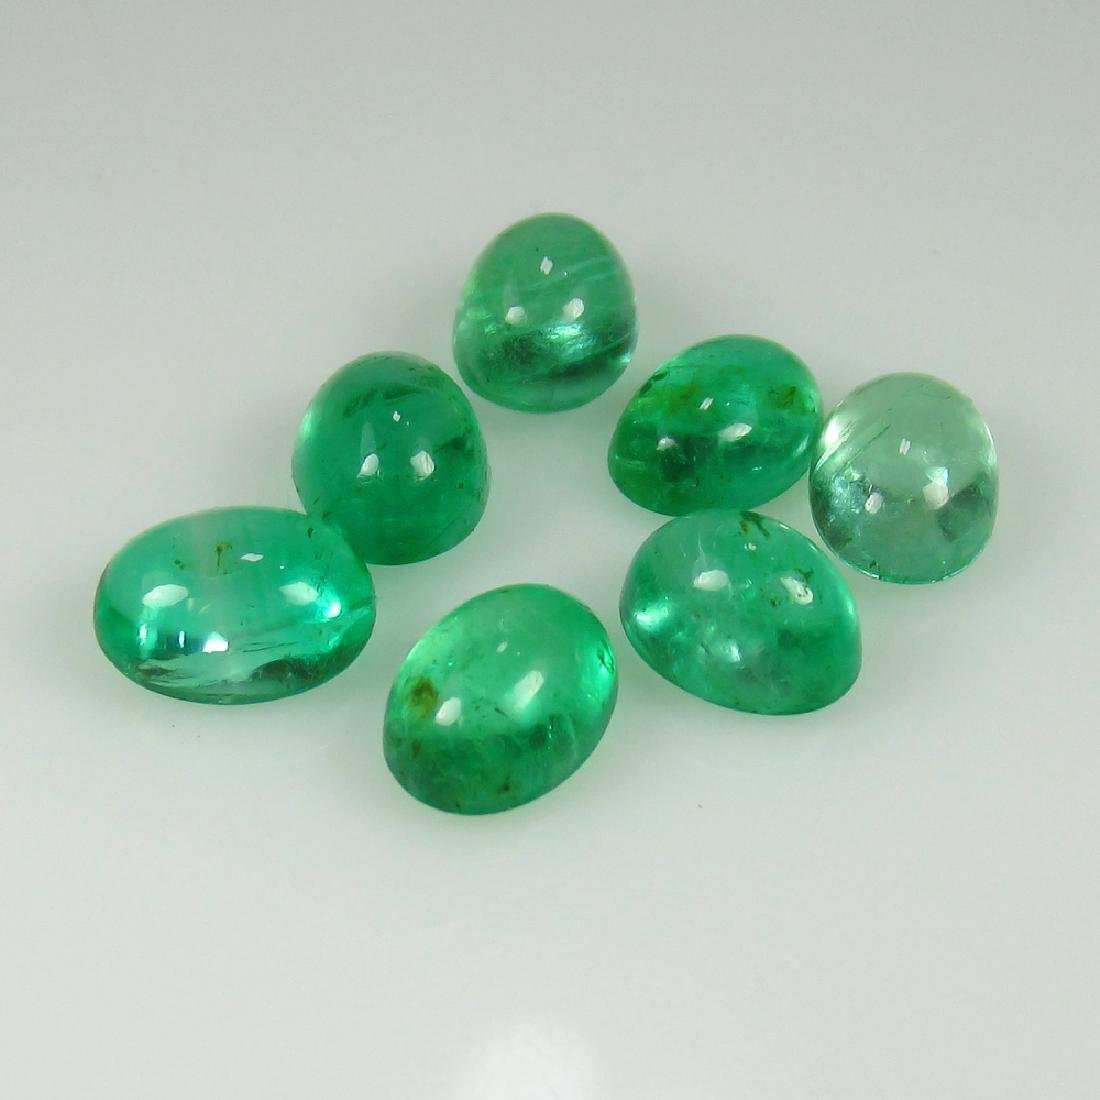 5.38 Ct Genuine Zambian Emerald Matching Oval Cabochon